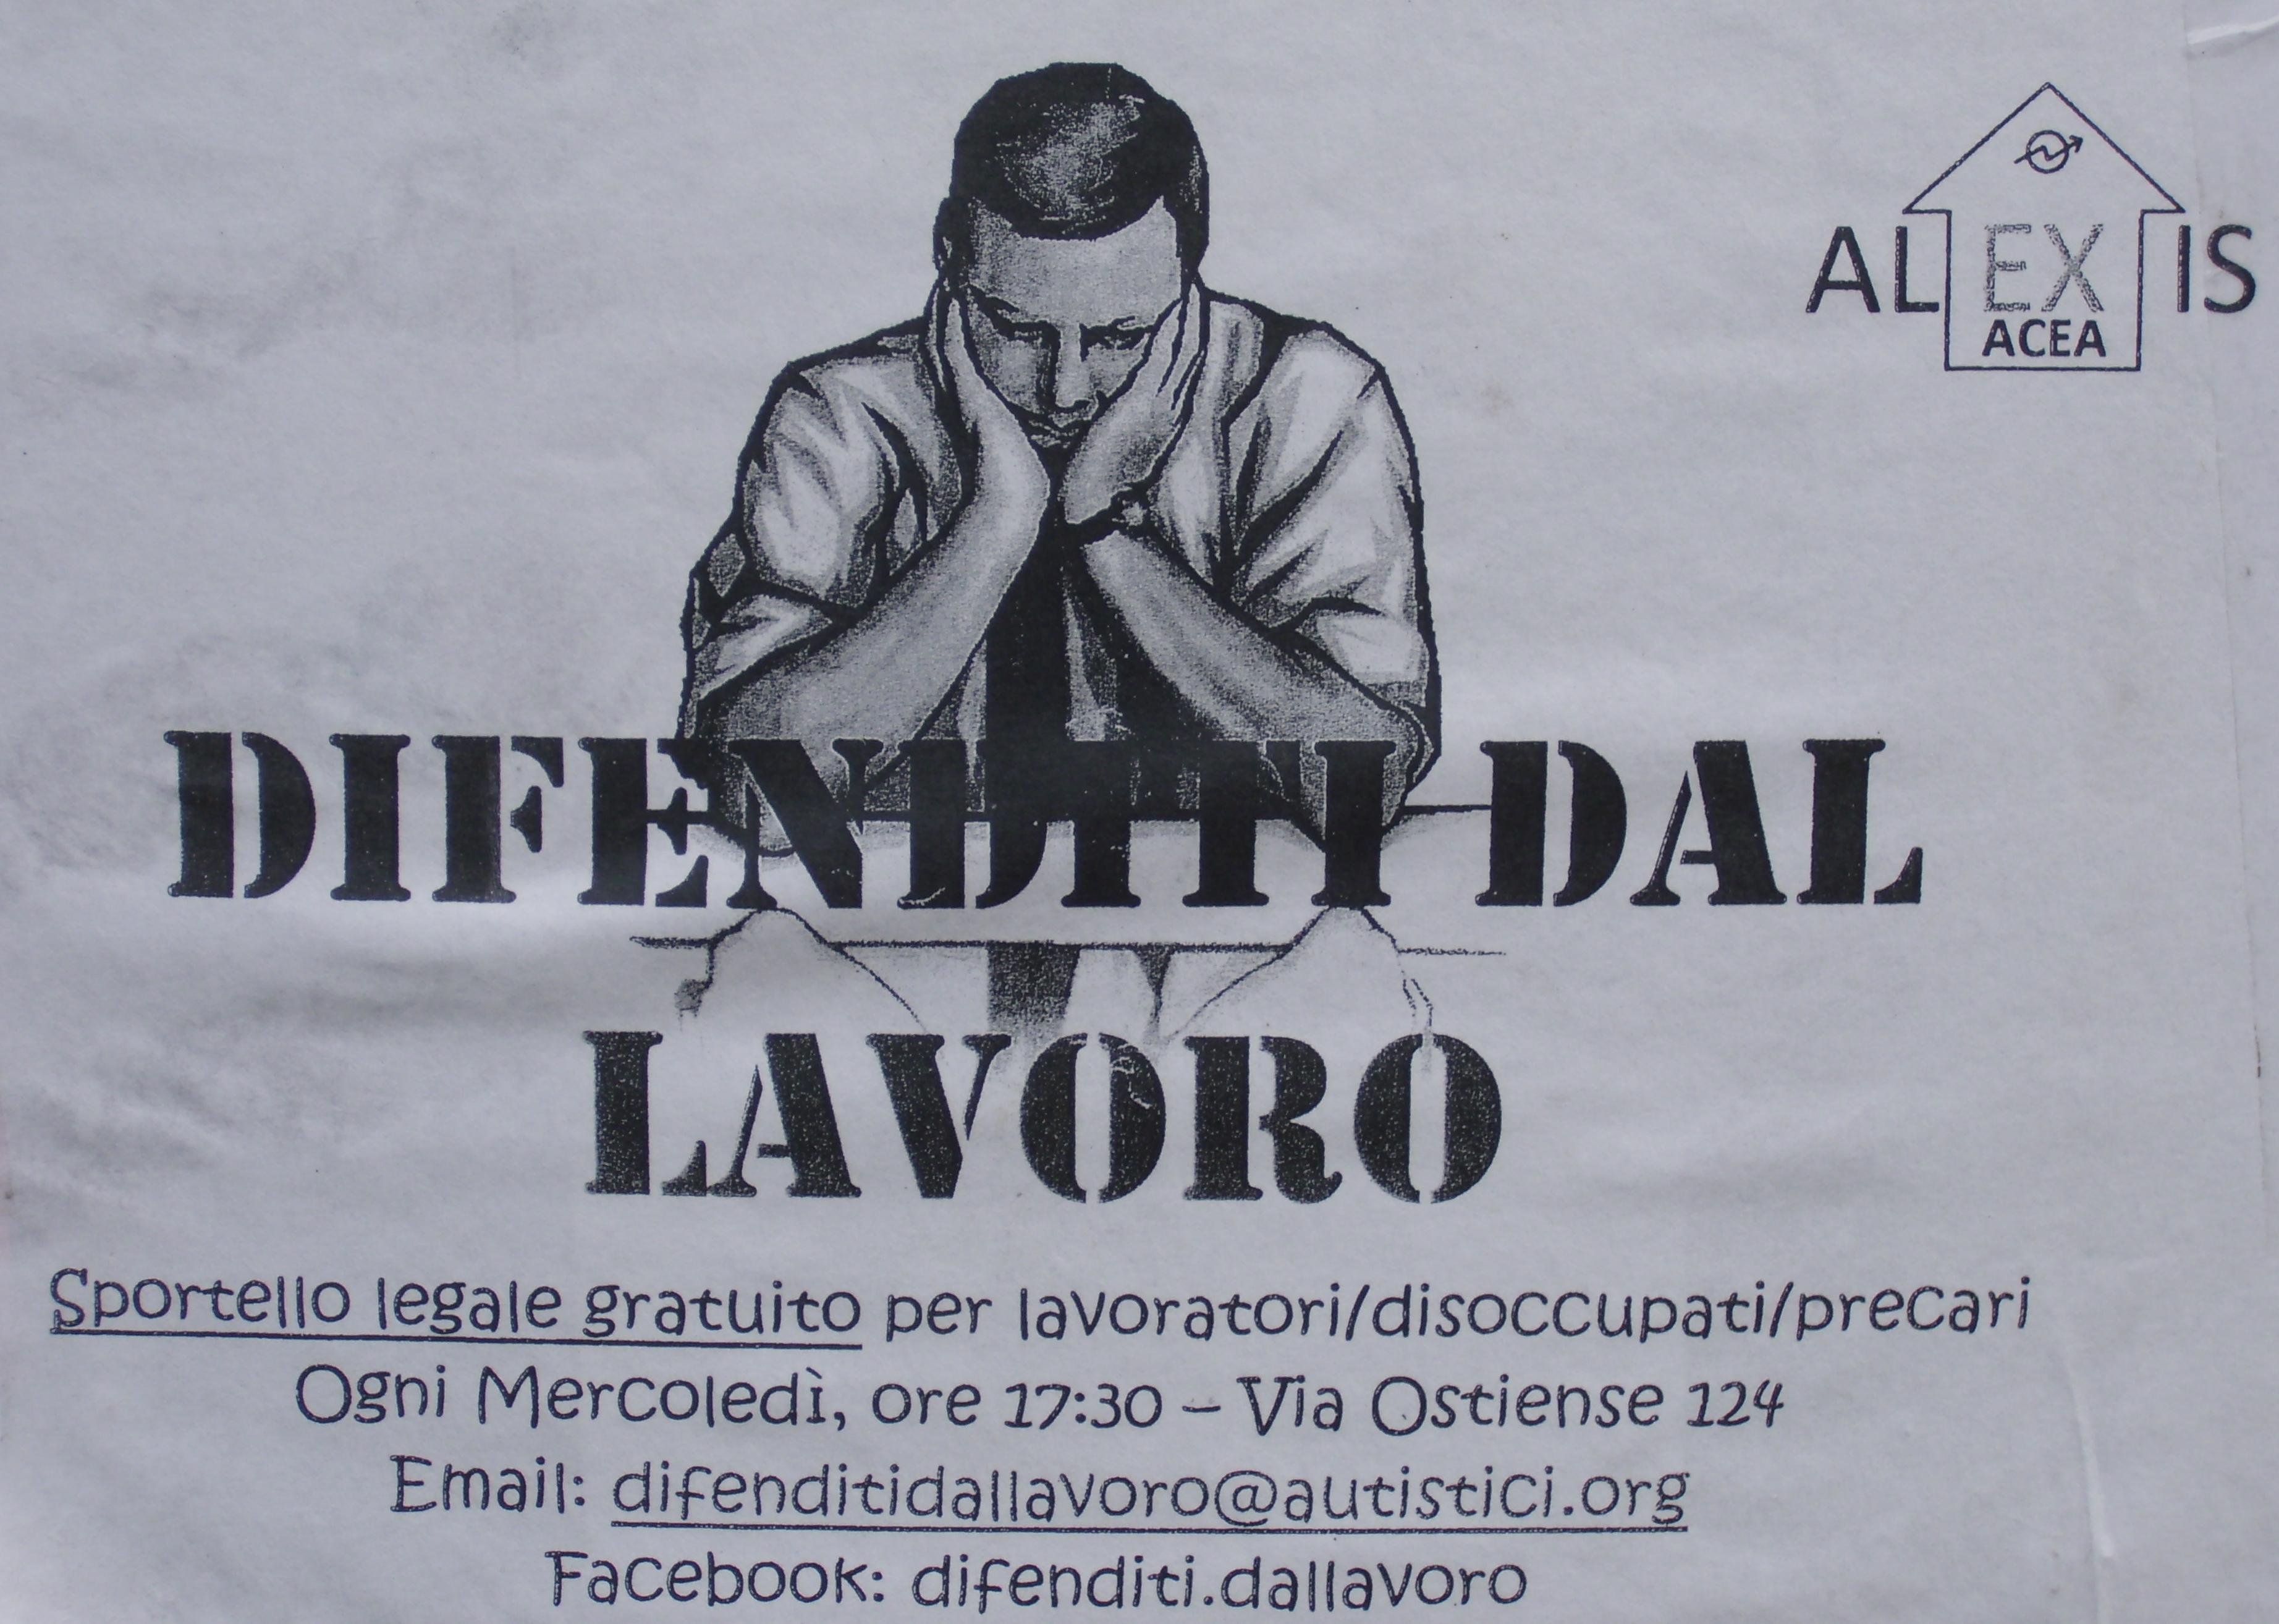 Selbstorganisierte Arbteits- und Arbeitslosenberatung im römischen Stadtteil Garbatella